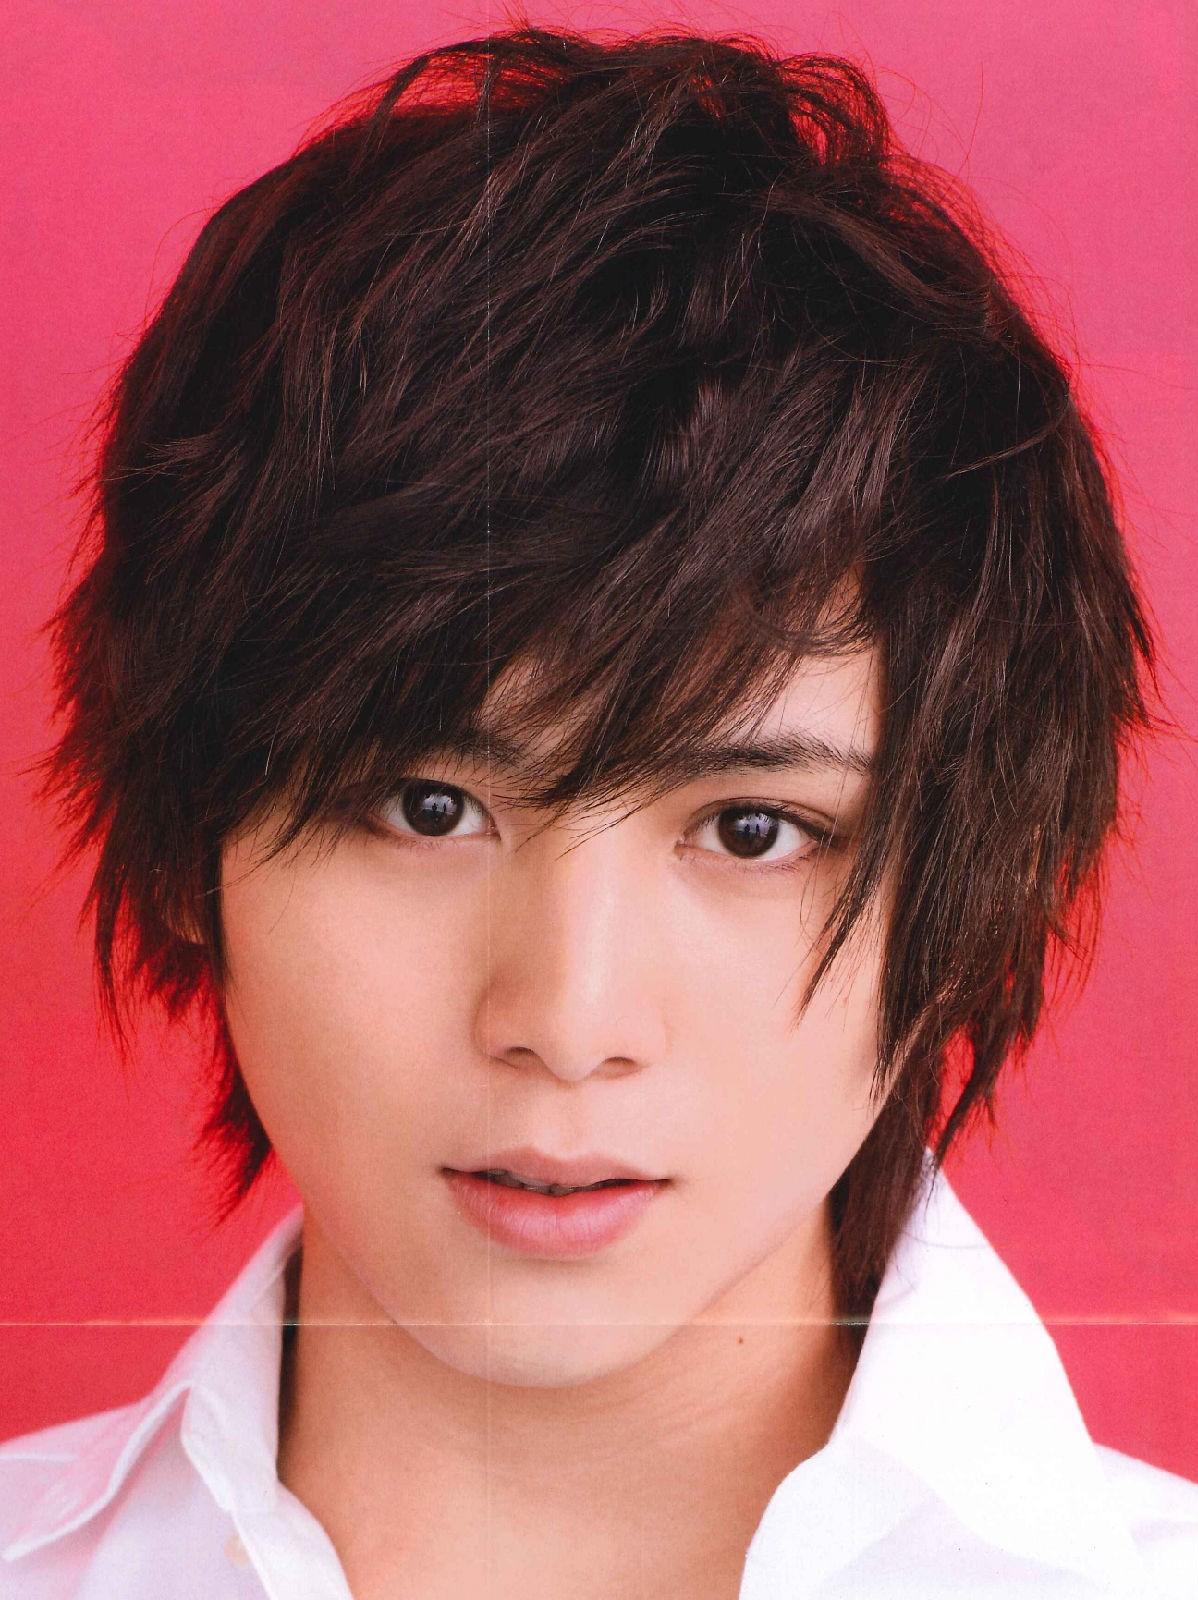 Mĩ nam có con năm 14 tuổi Mackenyu áp đảo top 10 trai đẹp quốc bảo của làng phim Nhật Bản - Ảnh 7.